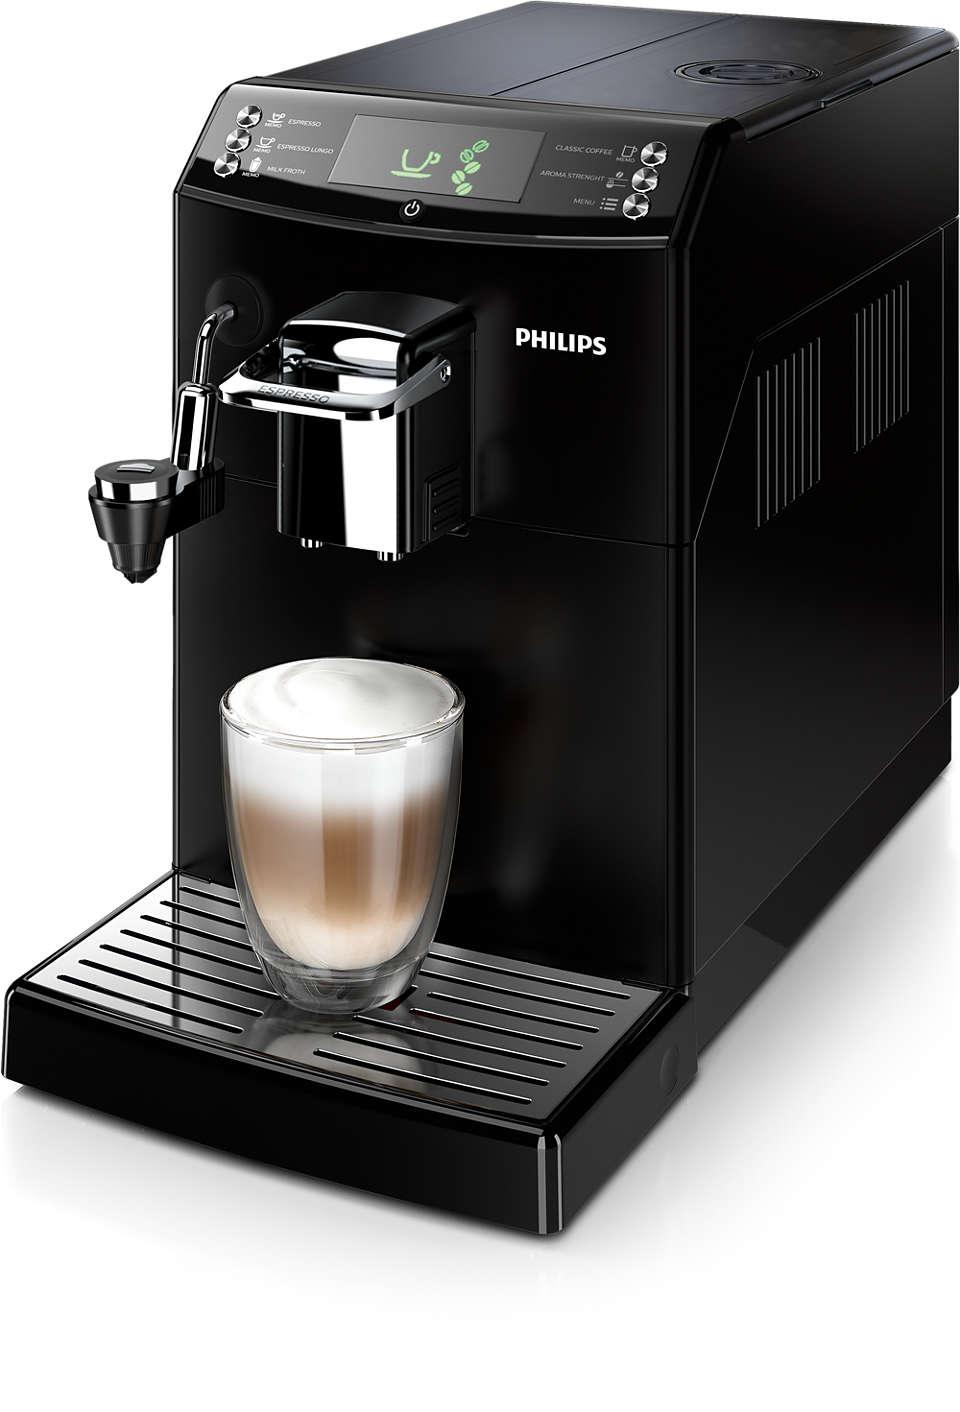 Sanfter Kaffee oder intensiver Espresso – Sie haben die Wahl!